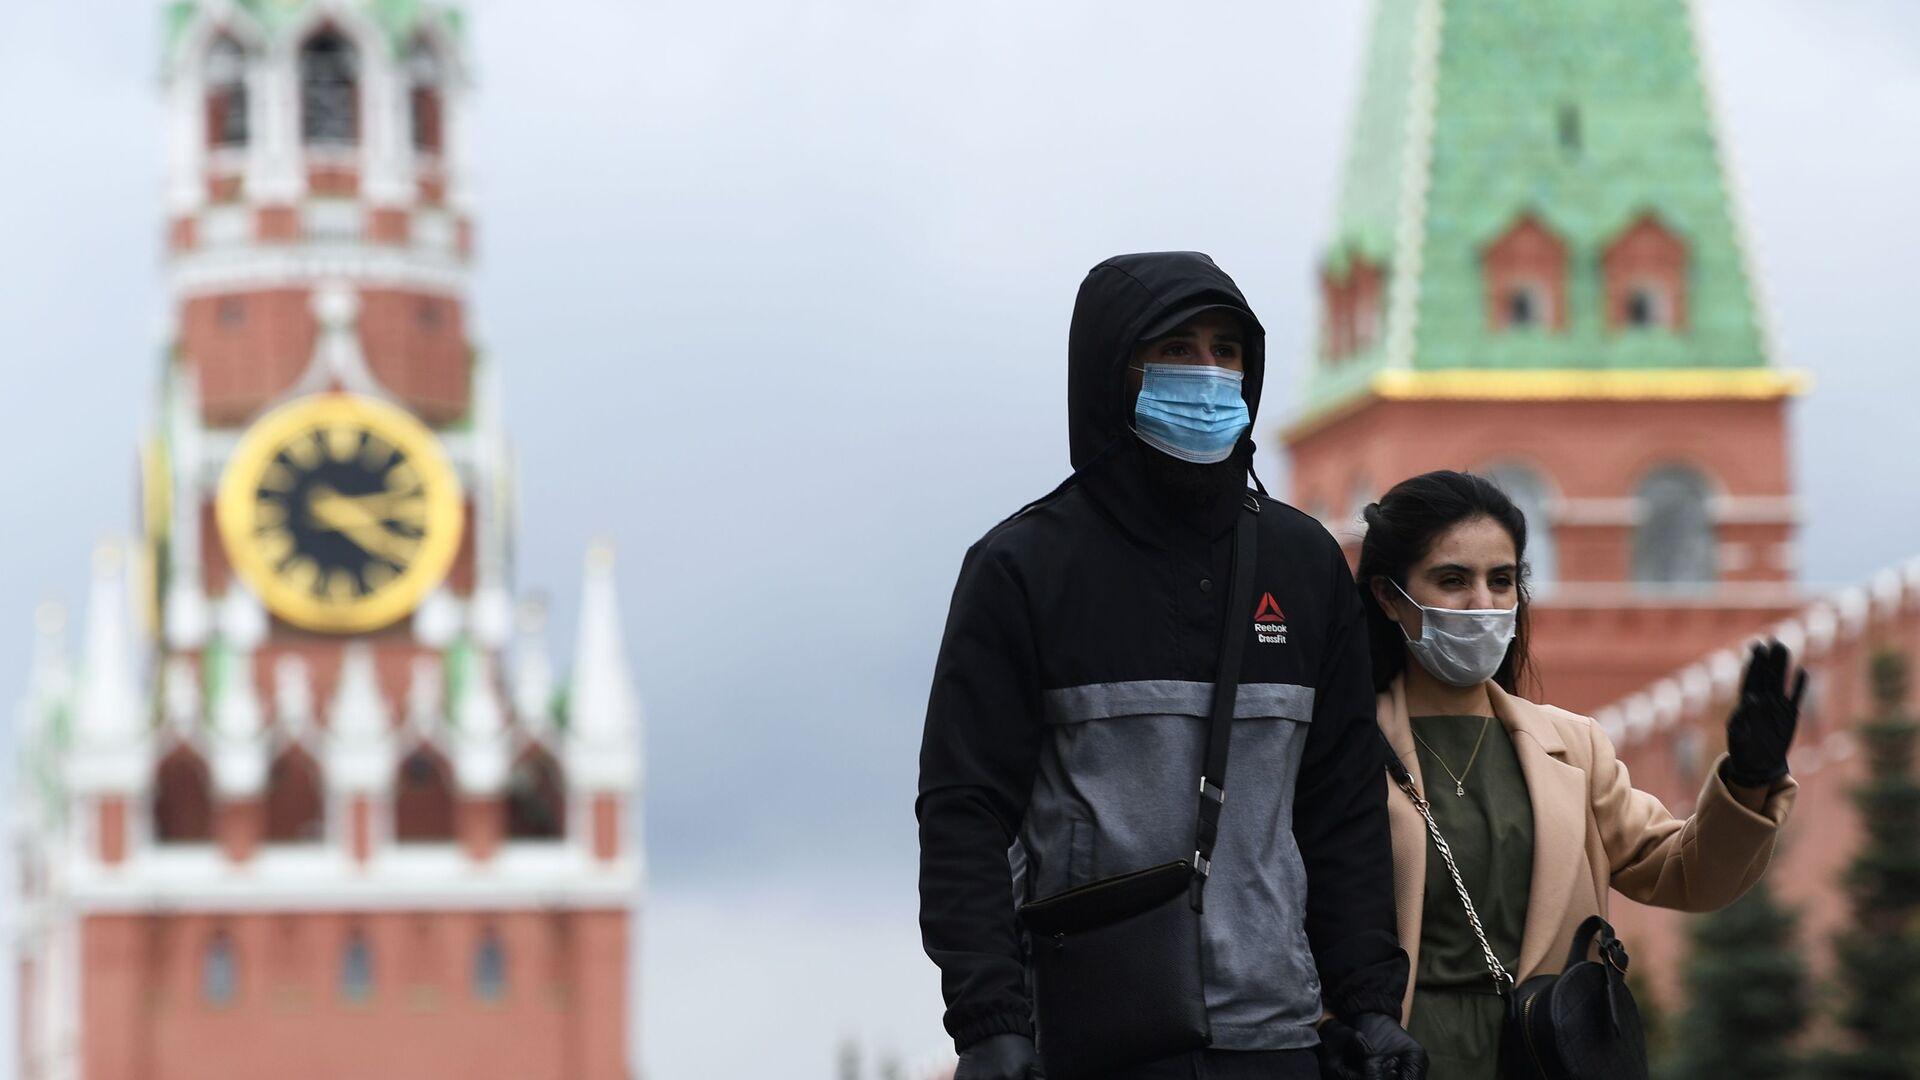 Personas en mascarillas en la Plaza Roja de Moscú - Sputnik Mundo, 1920, 14.06.2021